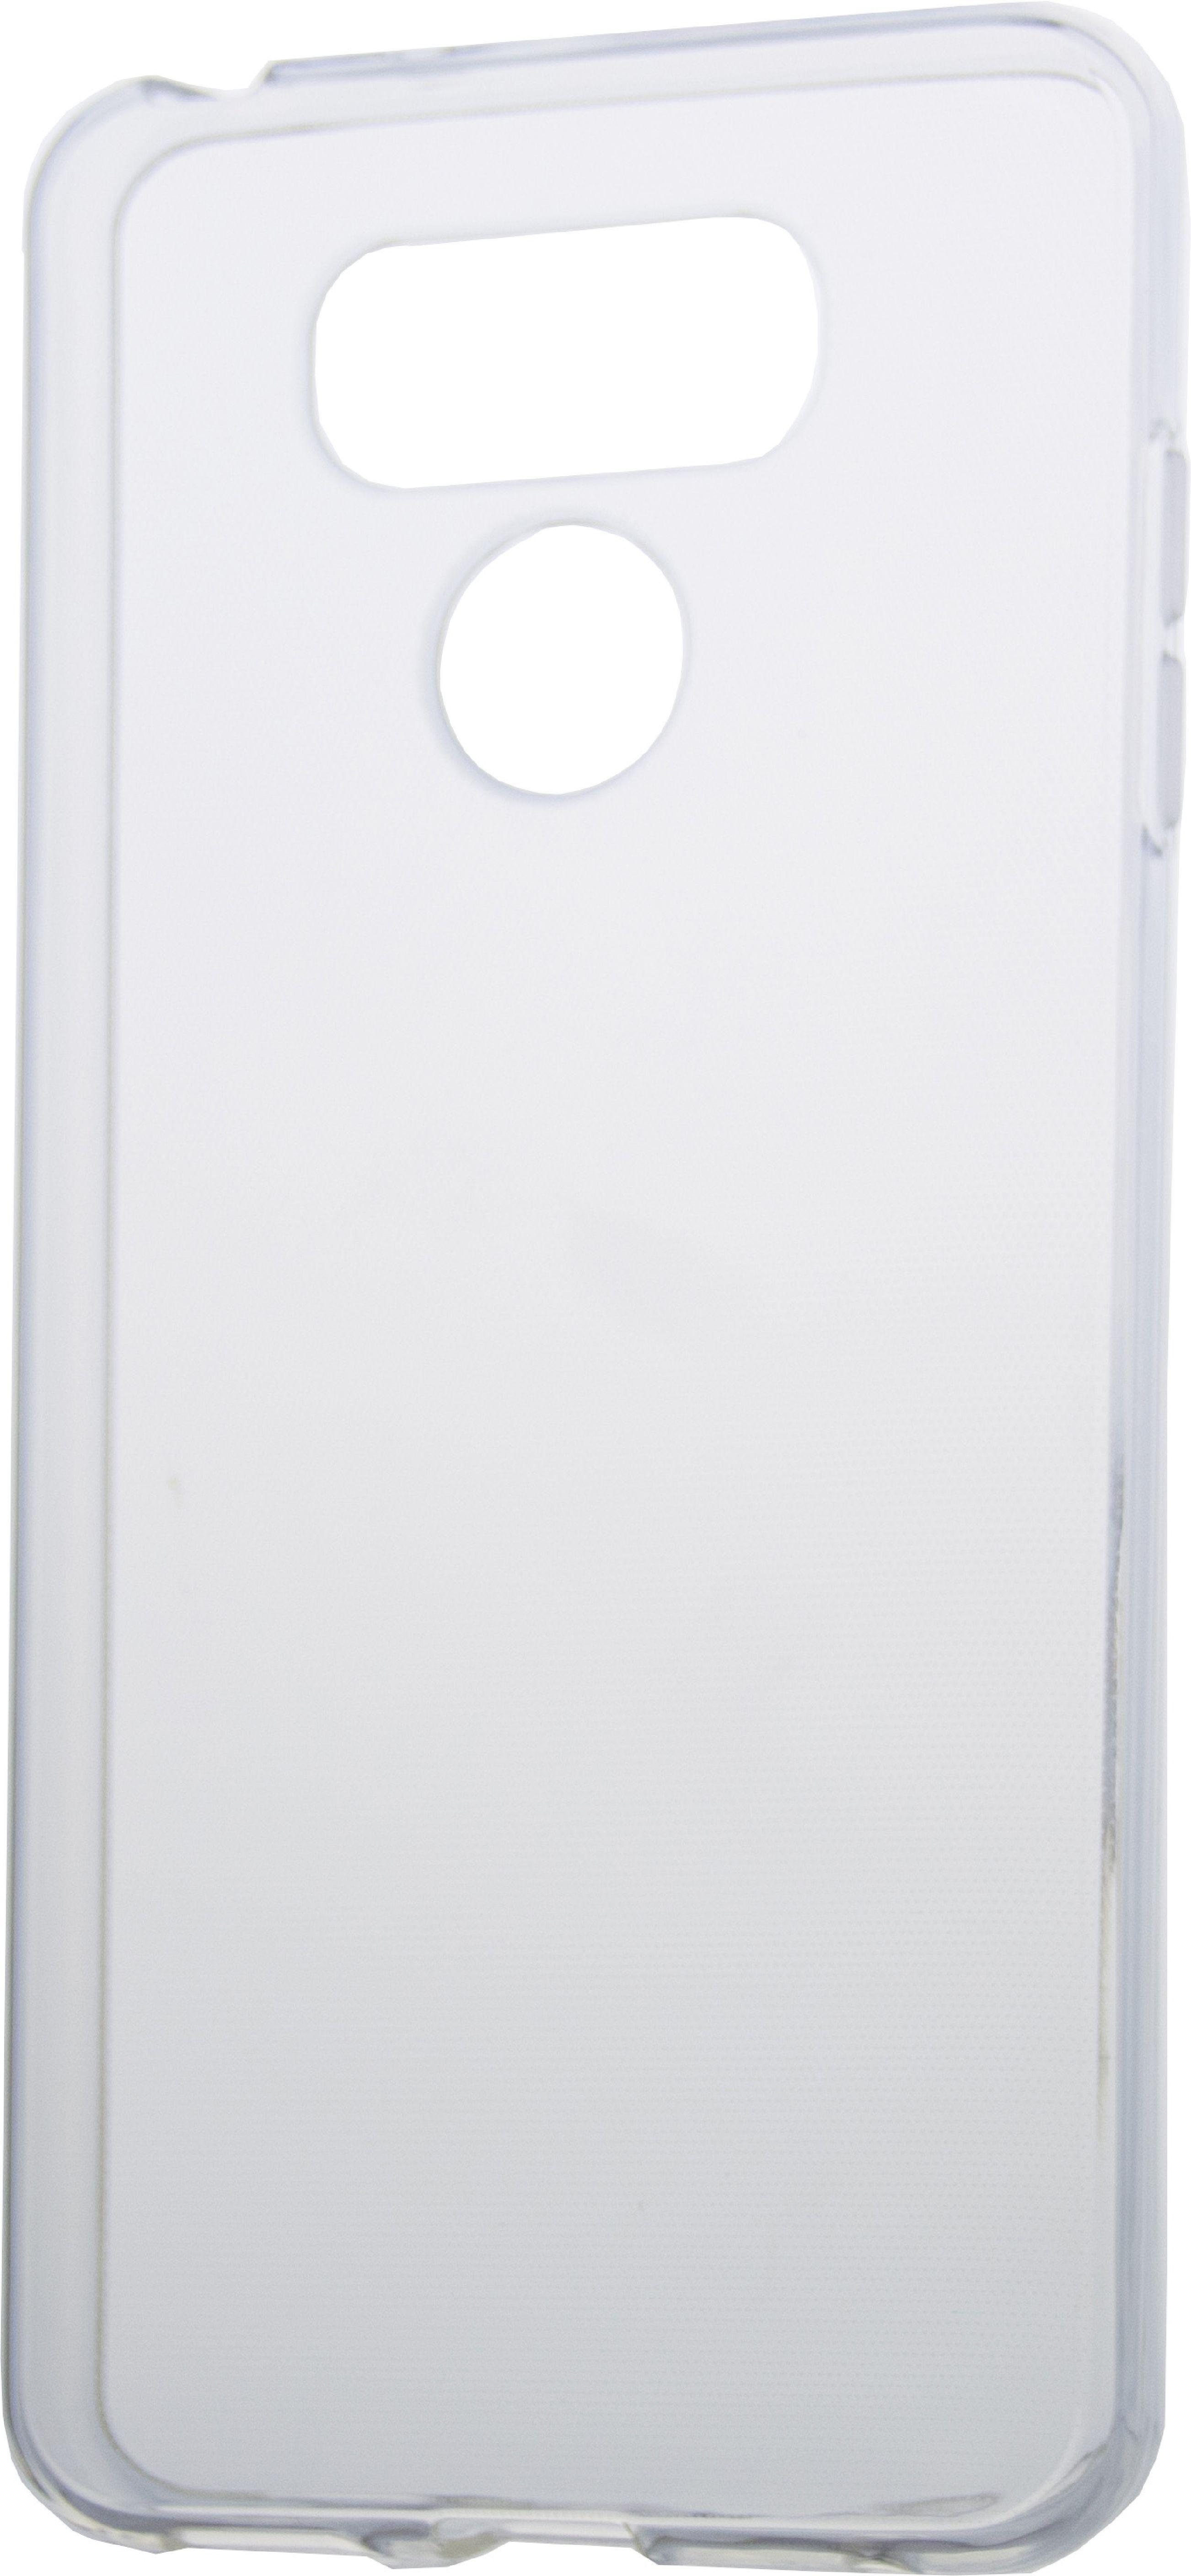 Image of   Telefon Gel-Etui LG G6 Gennemsigtig